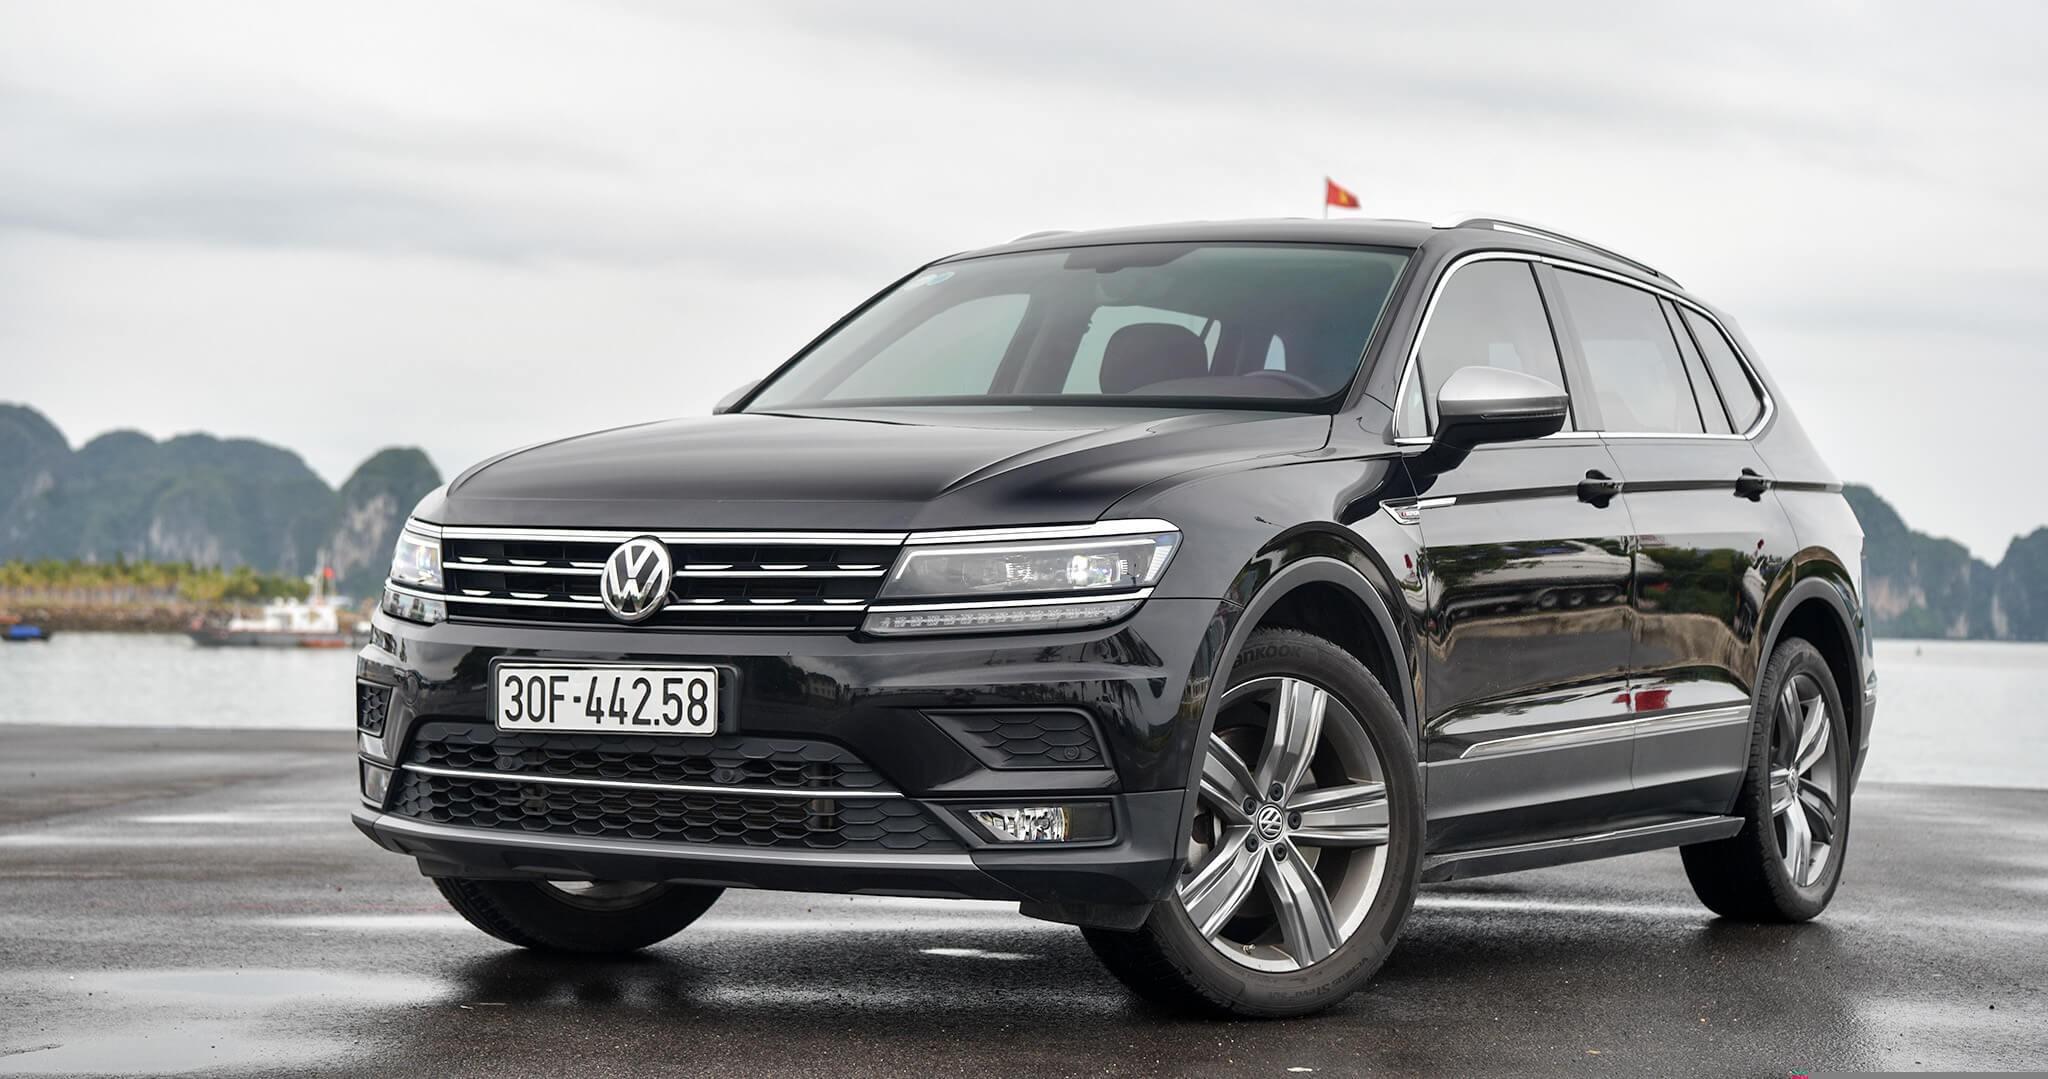 Bảng giá xe Volkswagen tháng 12/2019: Hỗ trợ phí trước bạ lên đến 140 triệu đồng